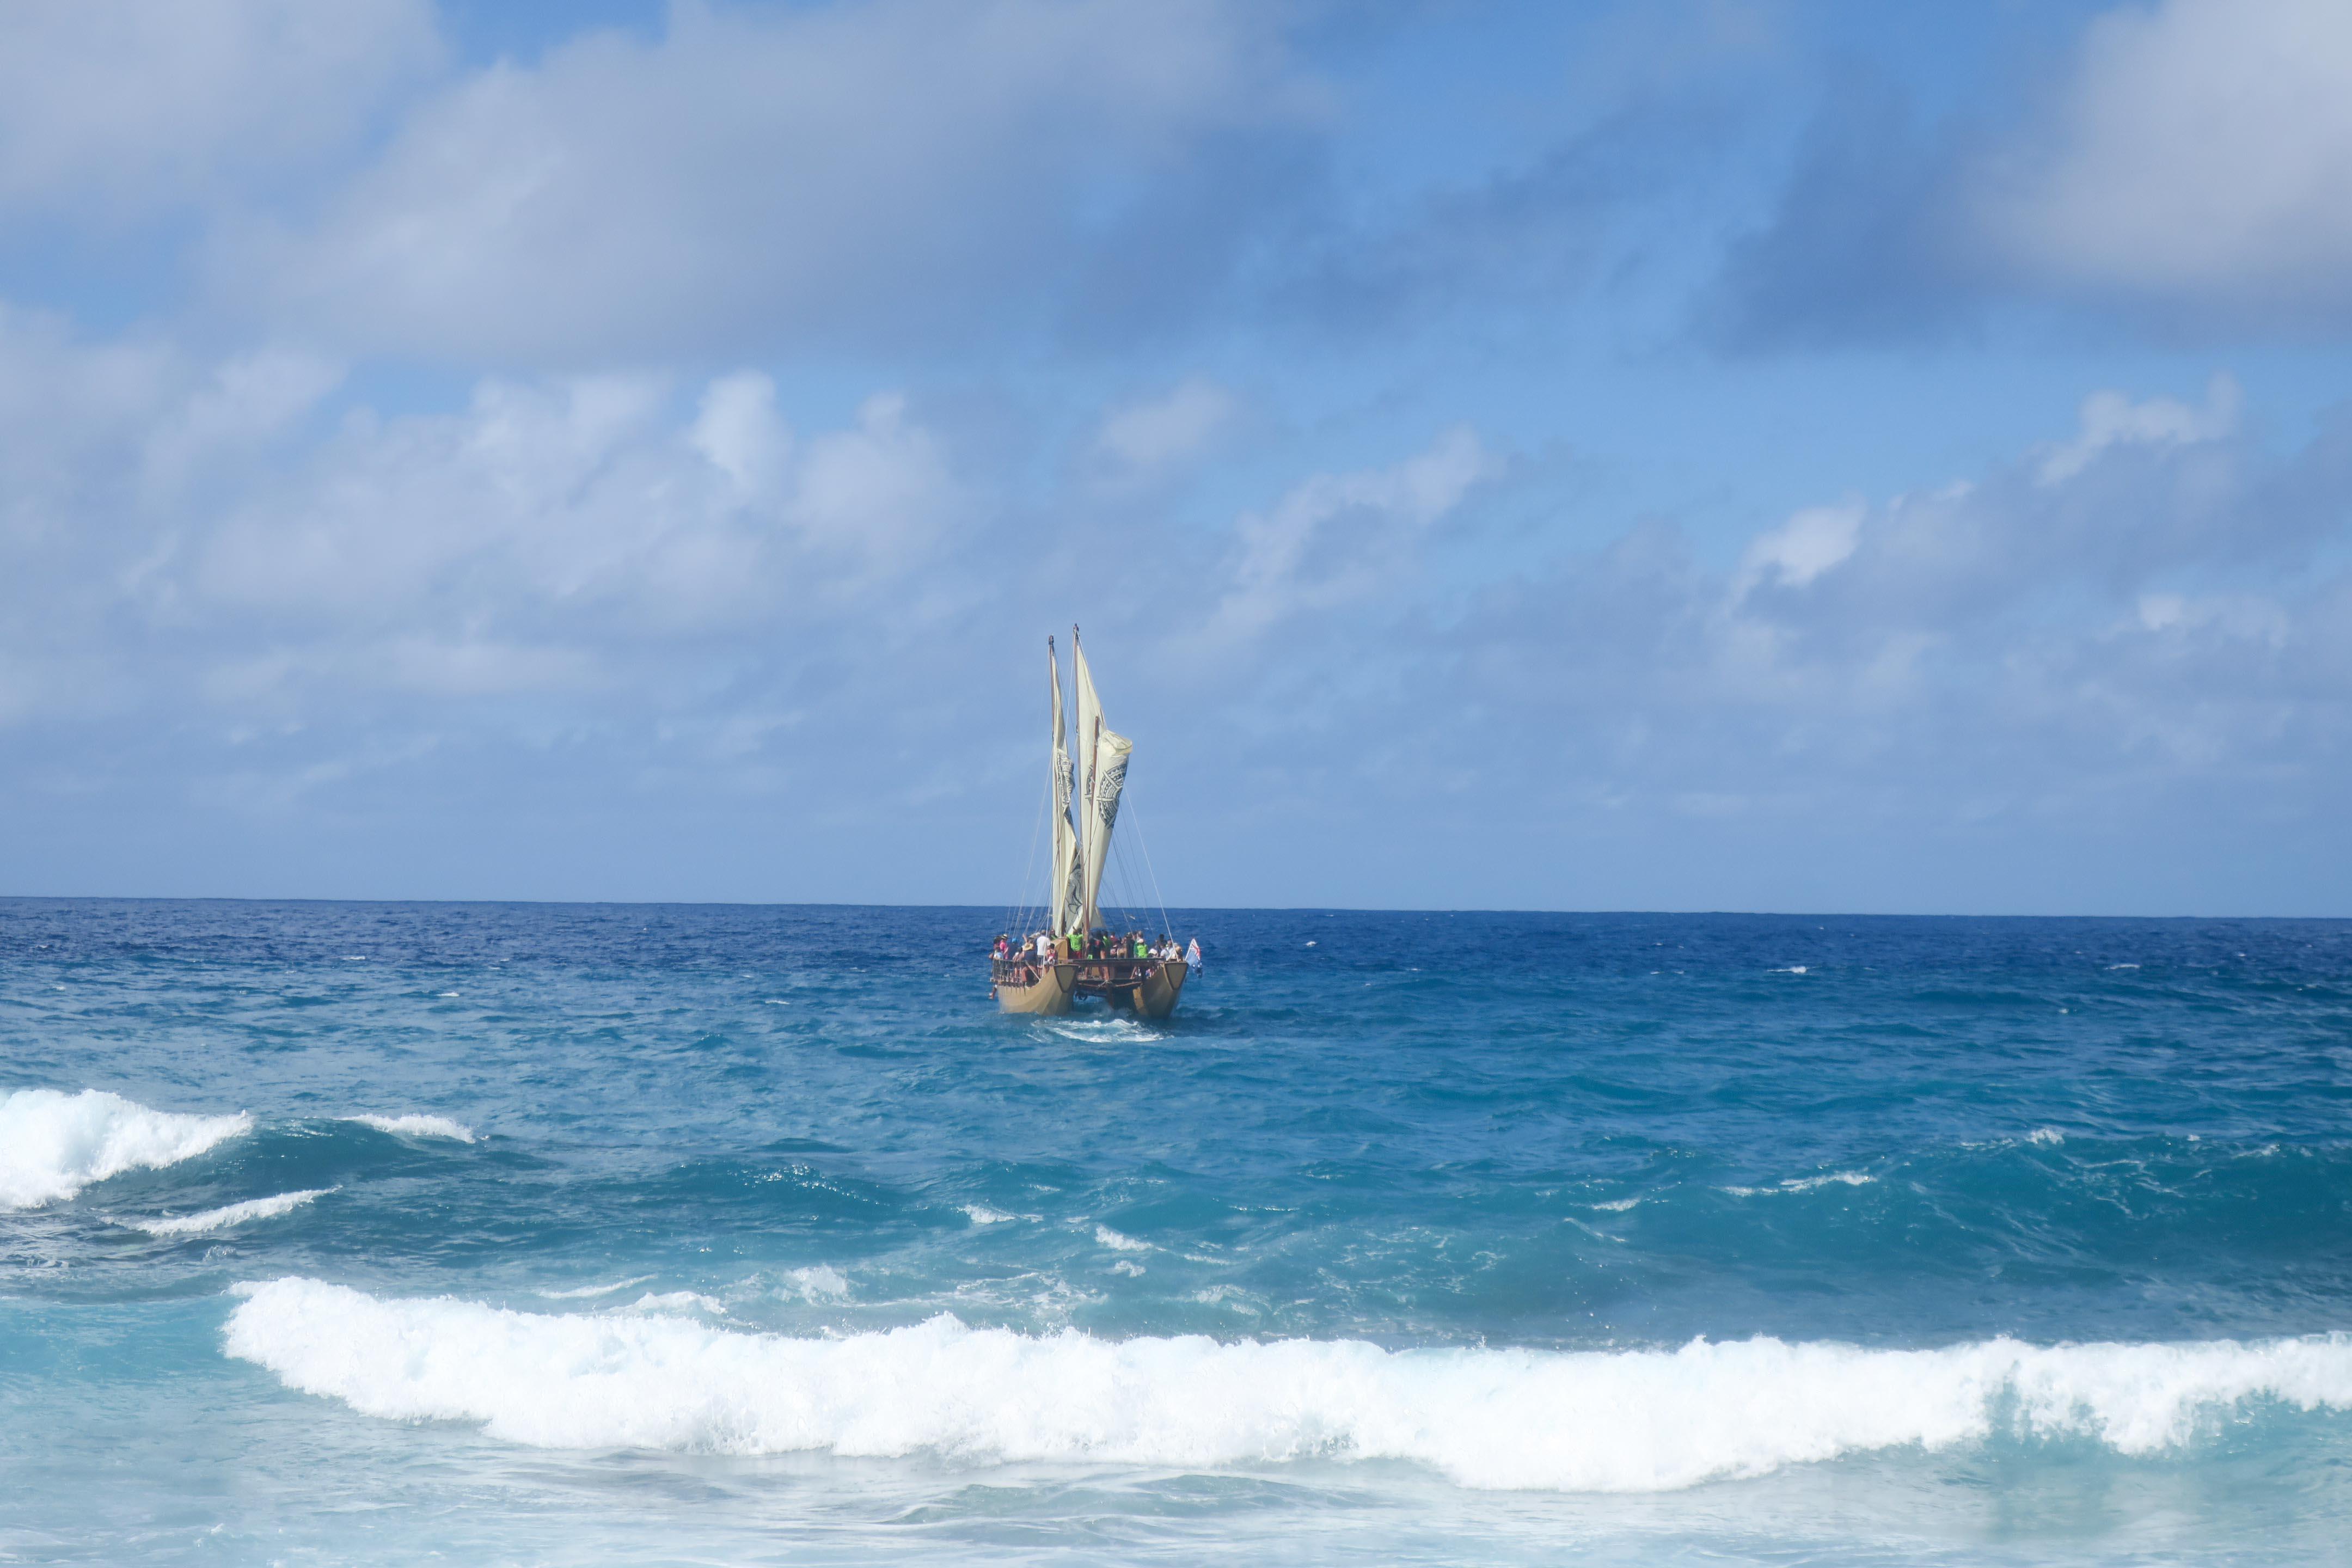 marumaru-atua-voyage-250417-h